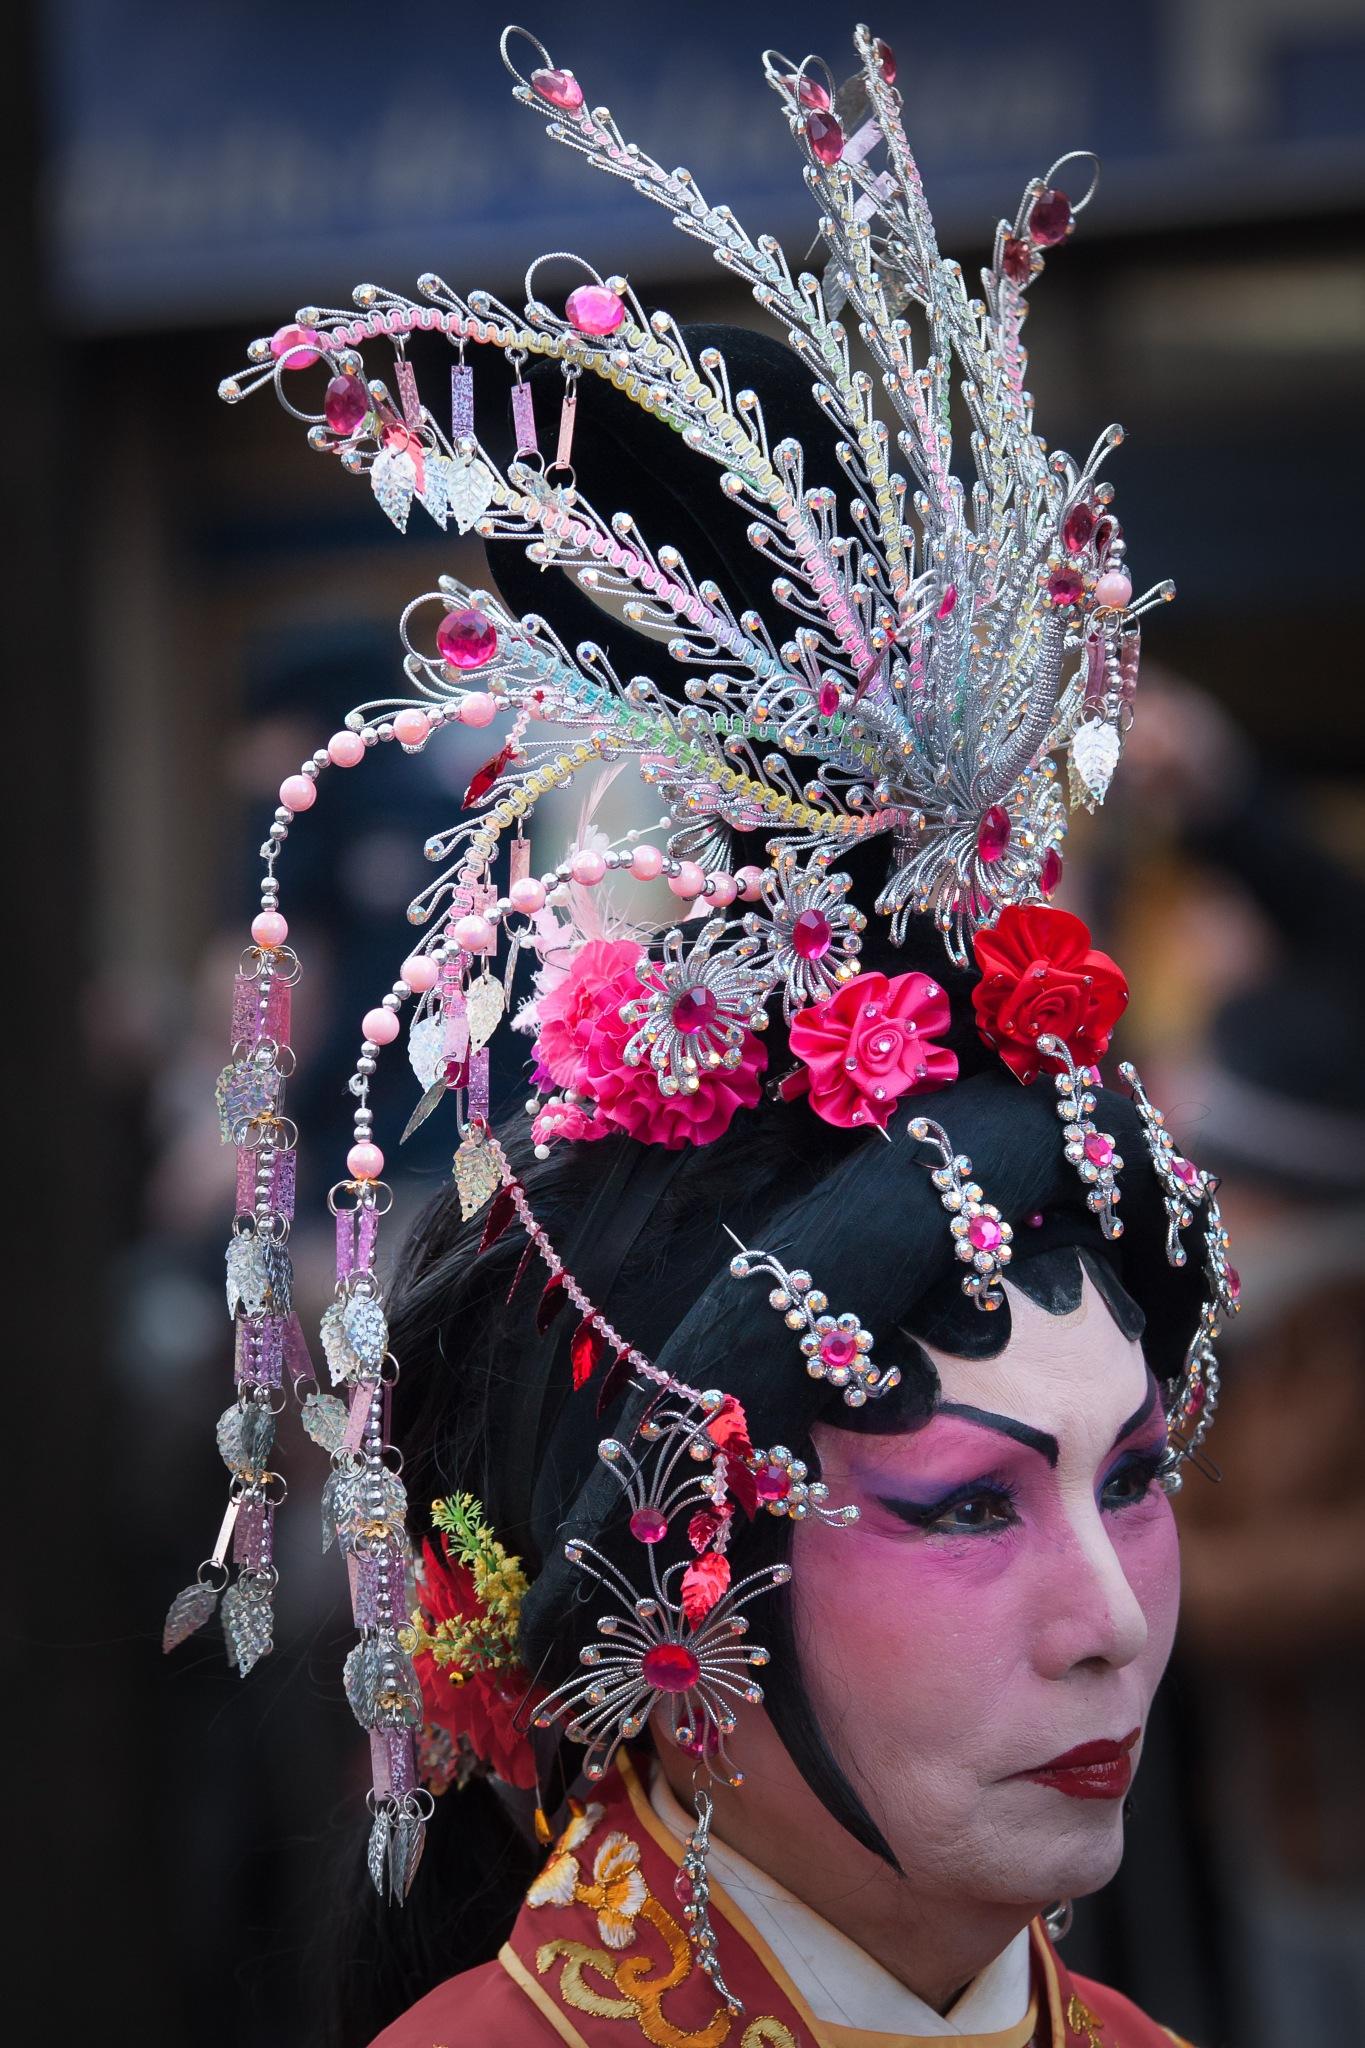 The diadem lady by Hervé Samson